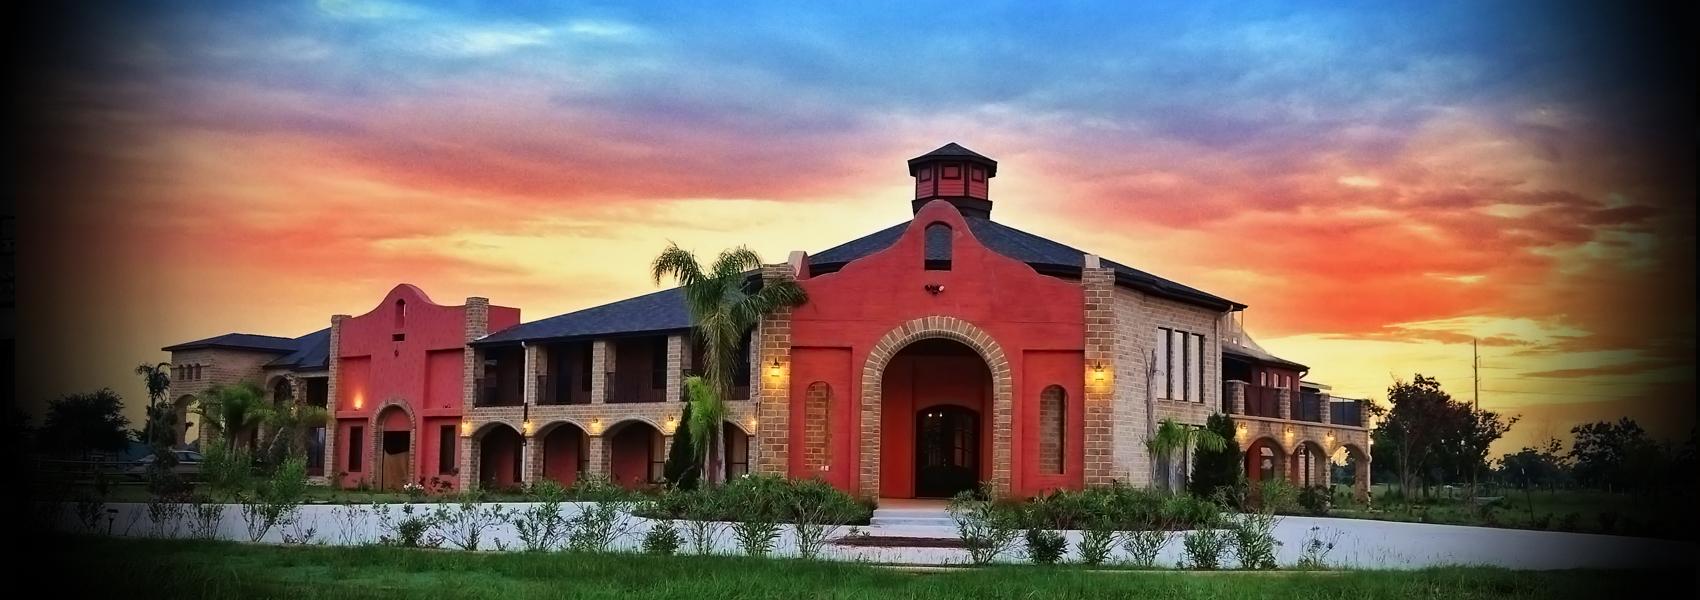 El Palomino Ranch  Home